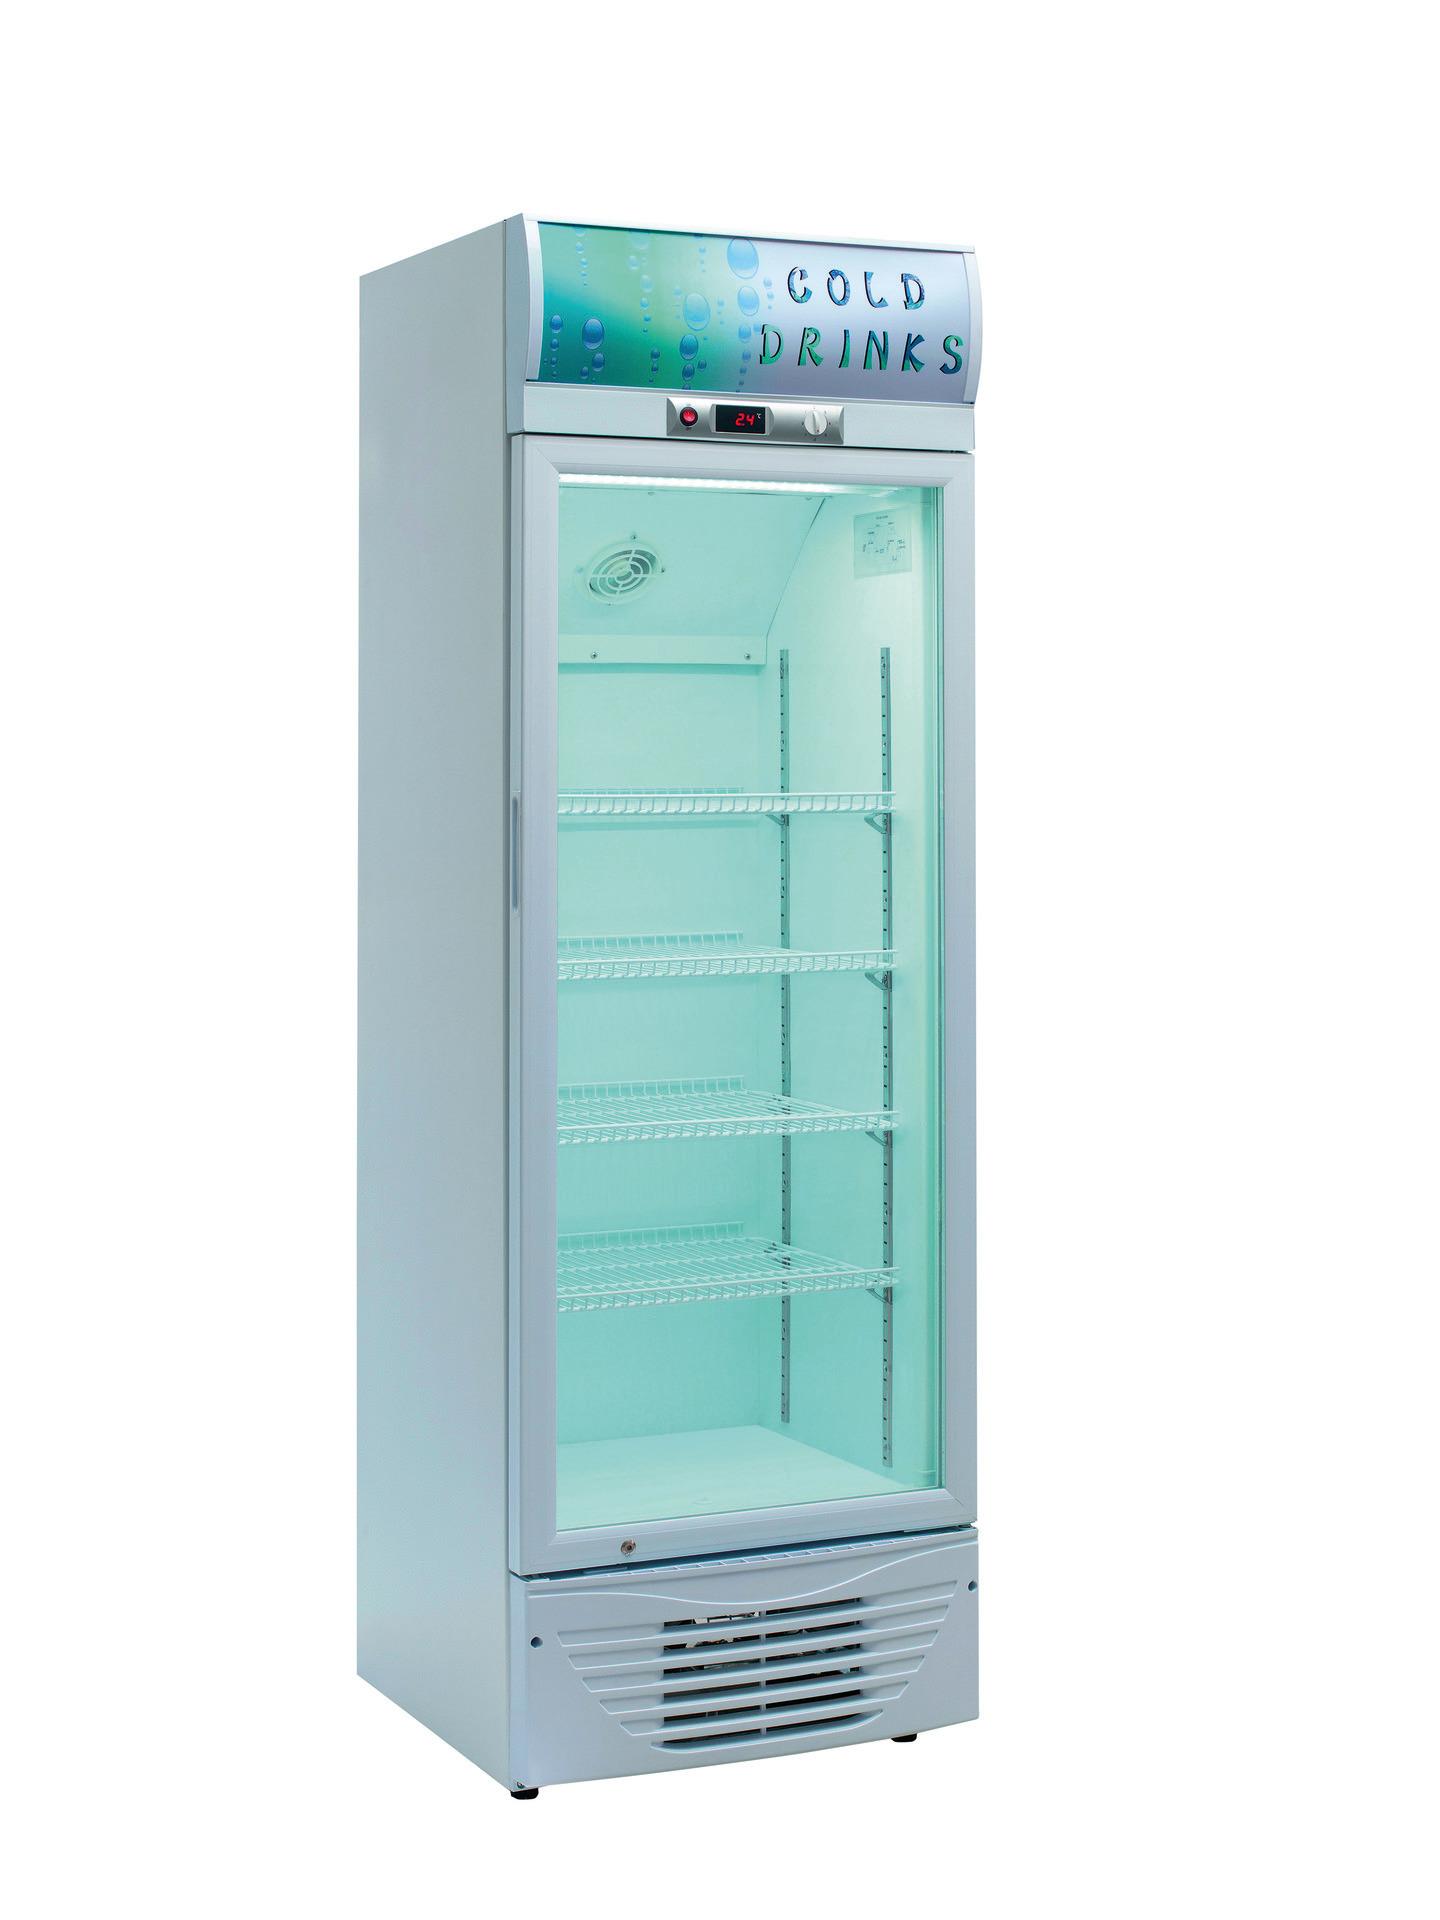 Flaschenkühlschrank Glastür 278 l 595 x 605 x 1900 mm